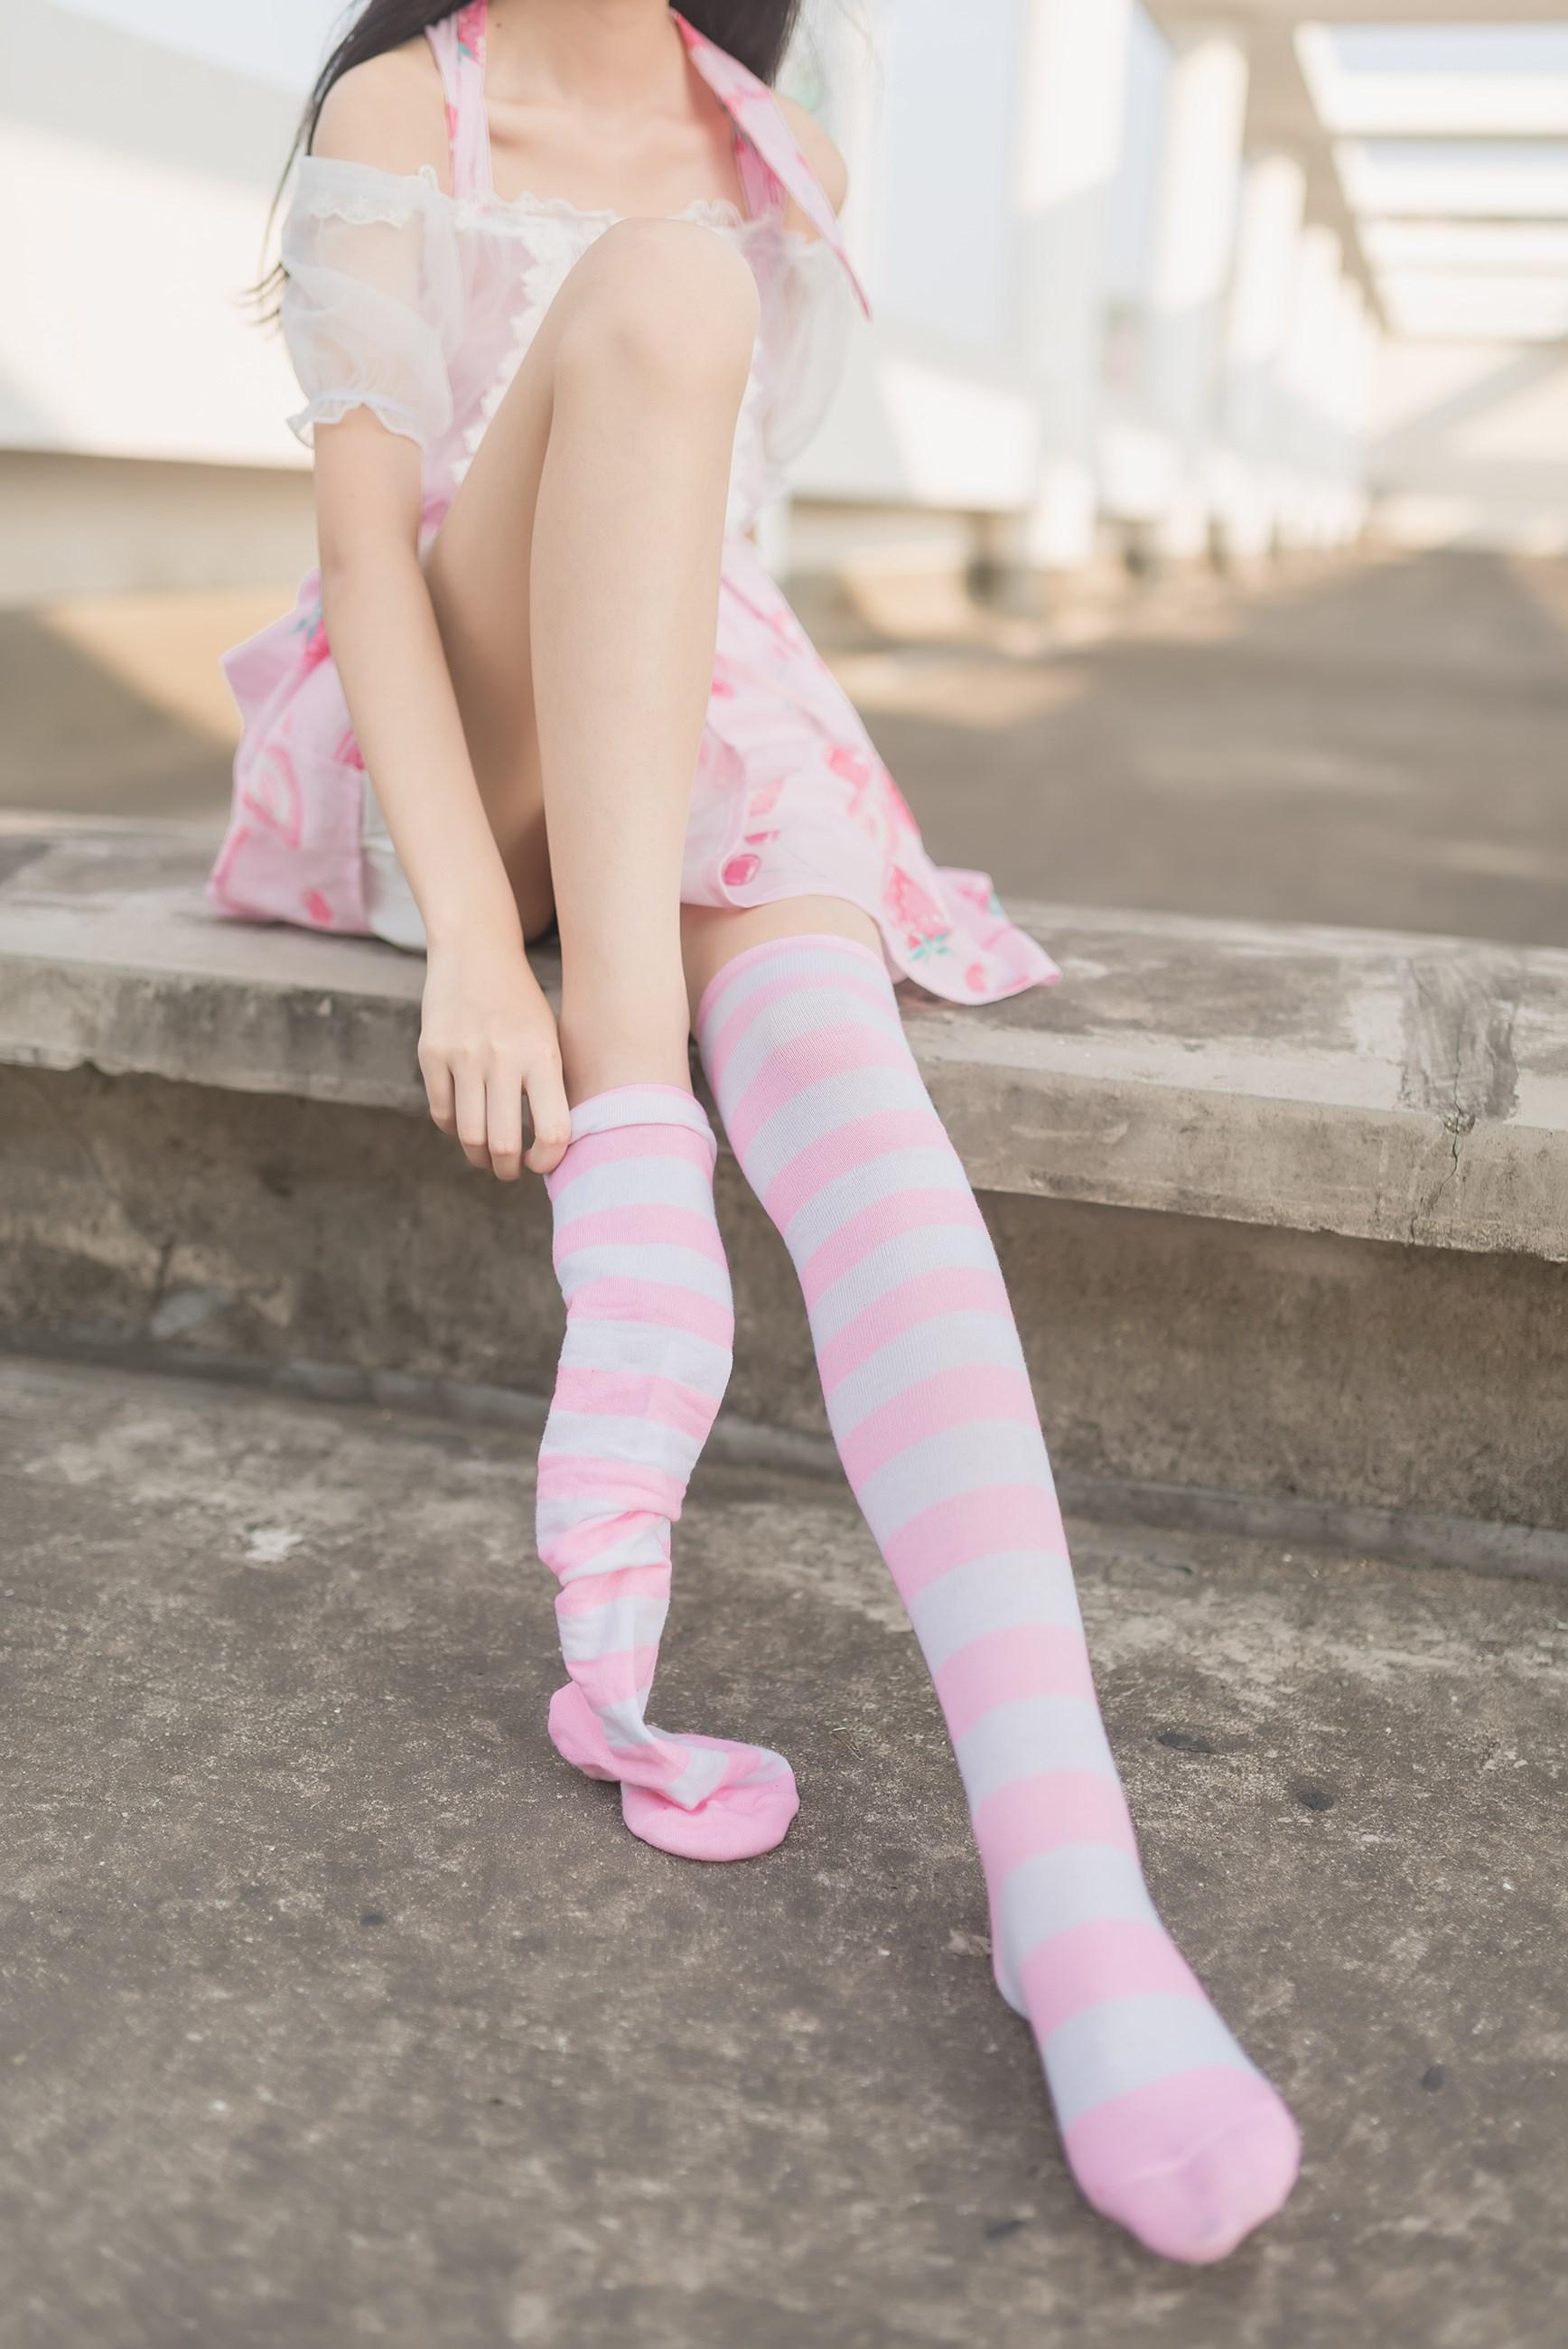 【兔玩映画】粉白条纹 兔玩映画 第5张